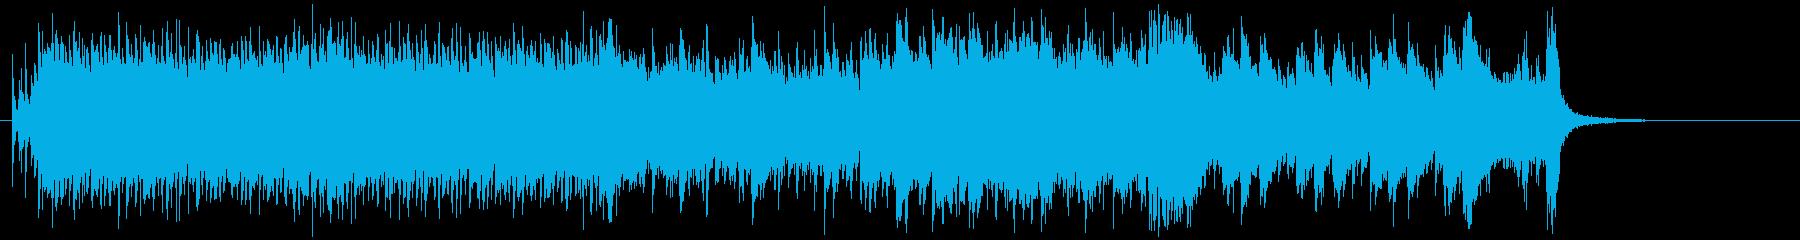 パワフルに、せり上がるタイトルBGMの再生済みの波形